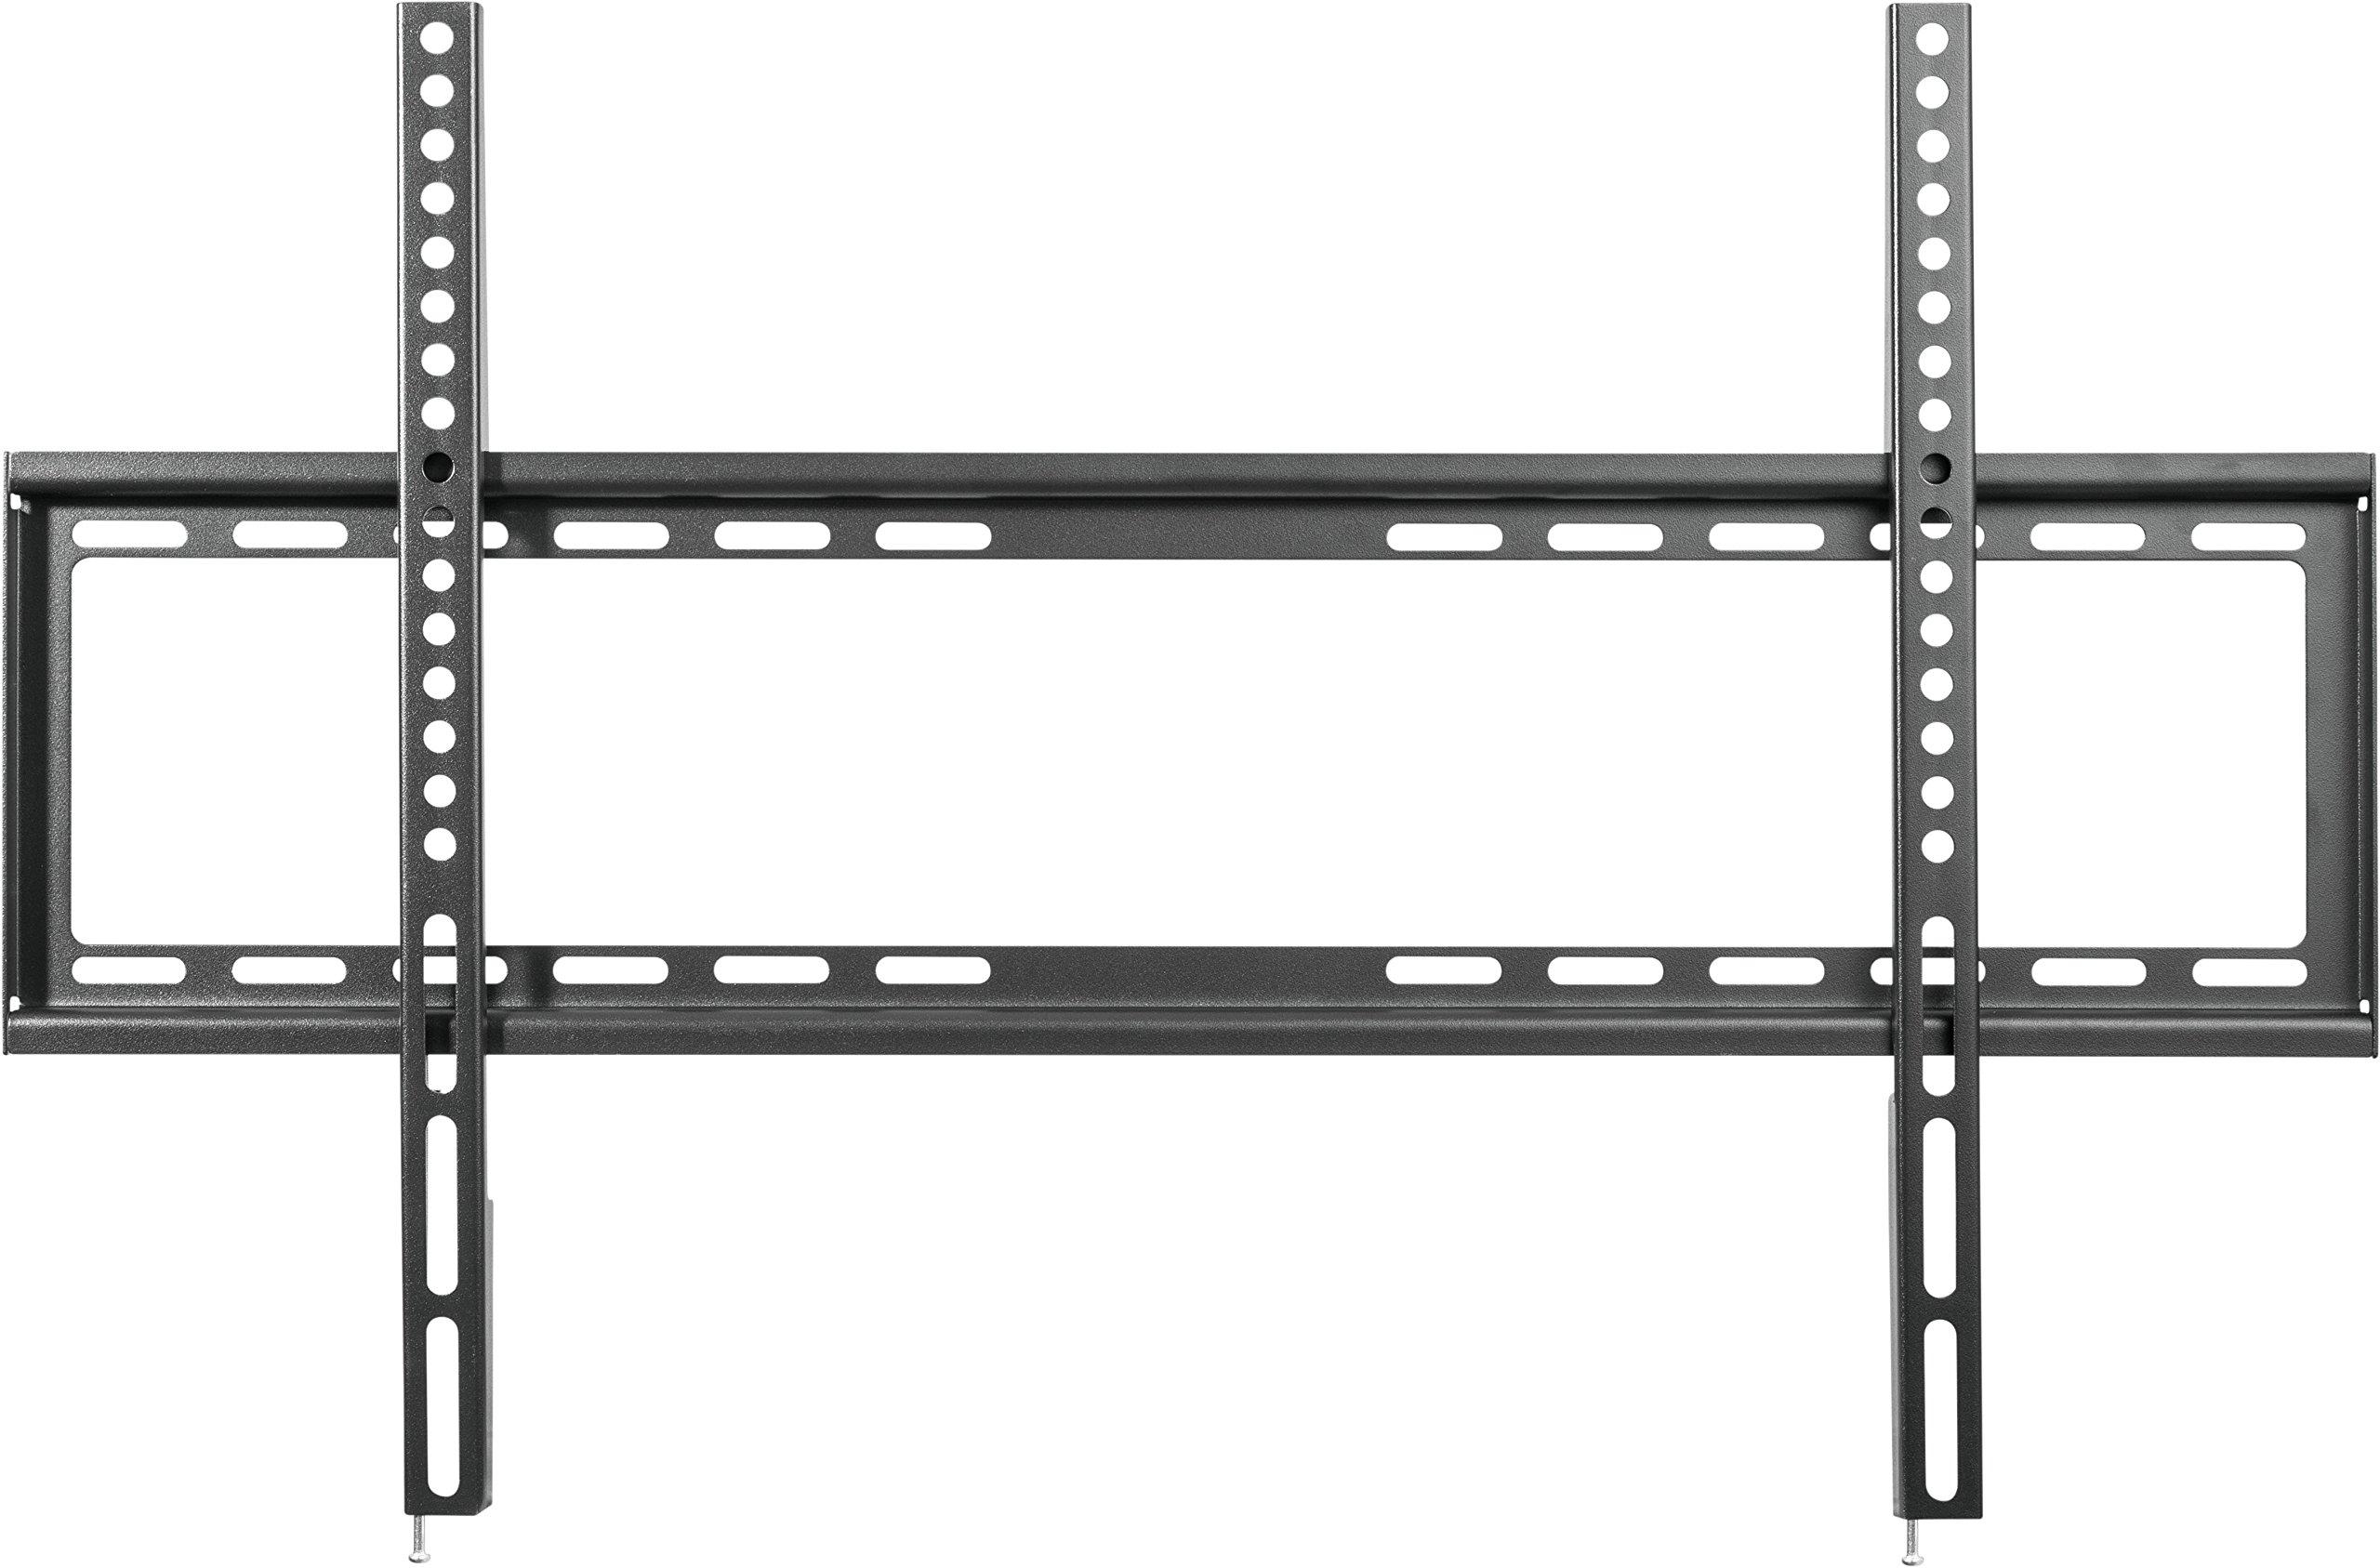 SCHWAIGER -9345- Soporte de pared para TV para pantallas de 94-203 cm o (37-80 pulgadas) | soporte para LED 4K OLED | carga máxima 45 kg | distancia a la pared hasta